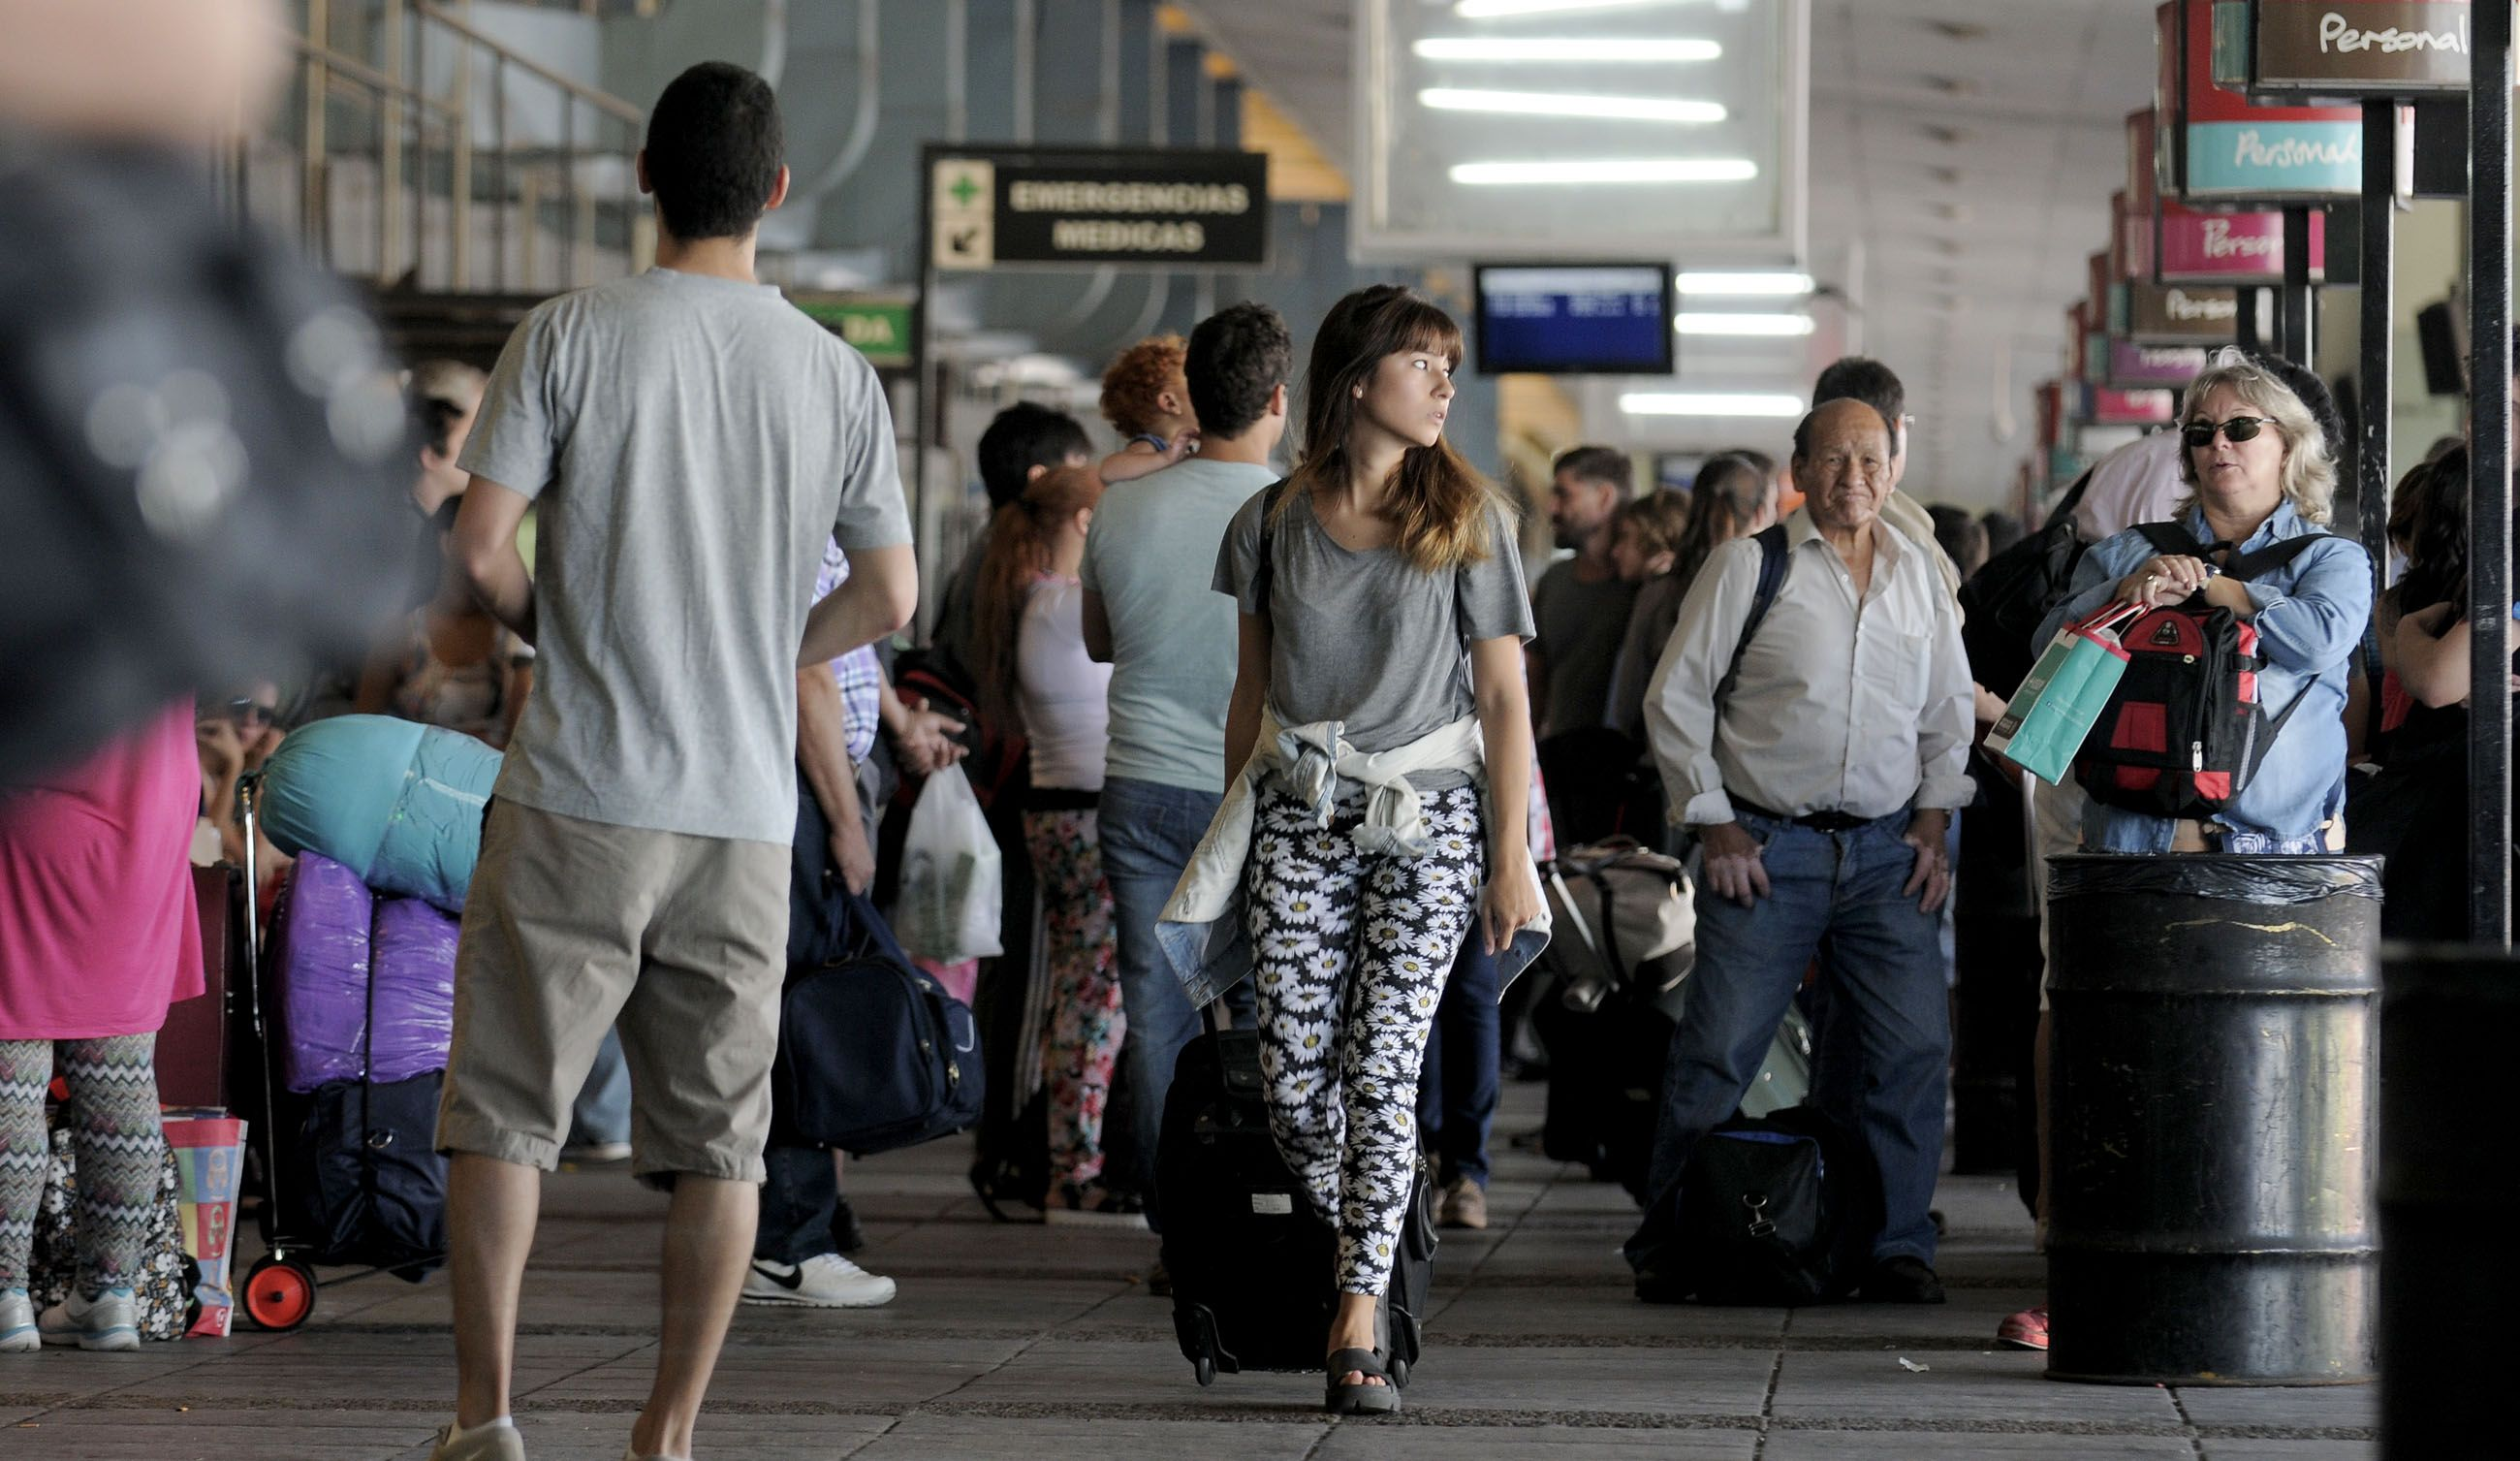 Para viajar sin sus padres, ahora los chicos deberán tener autorización